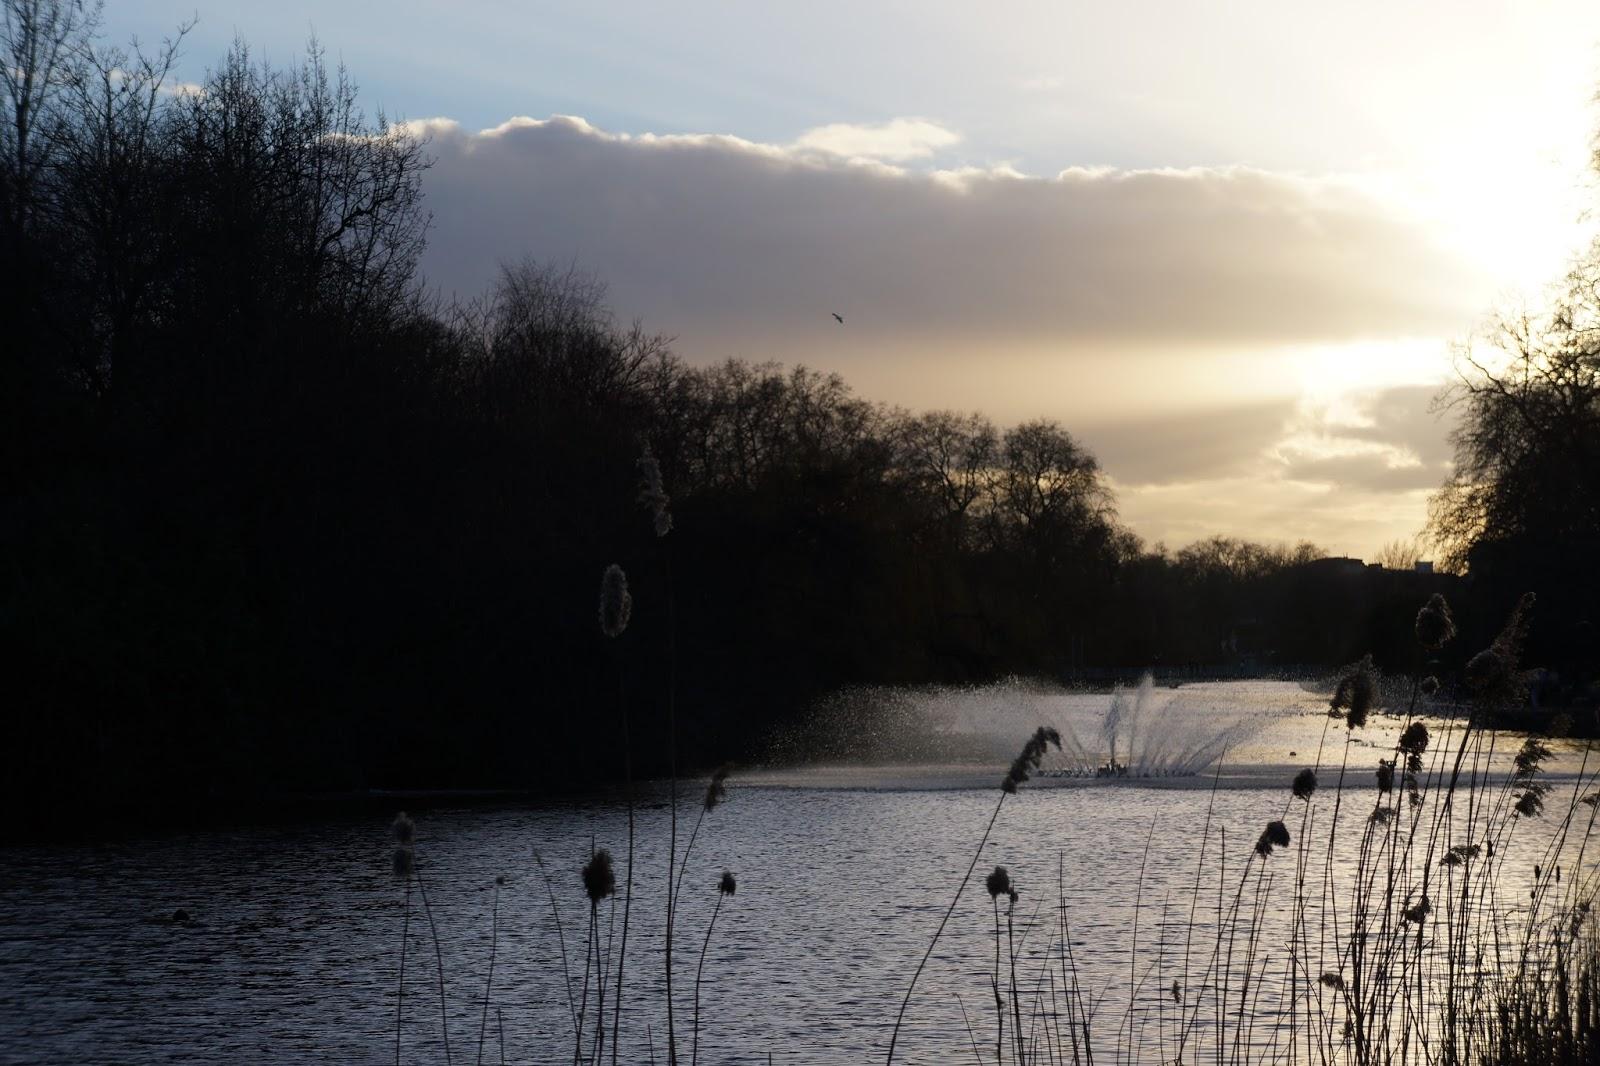 lake view at st james's park